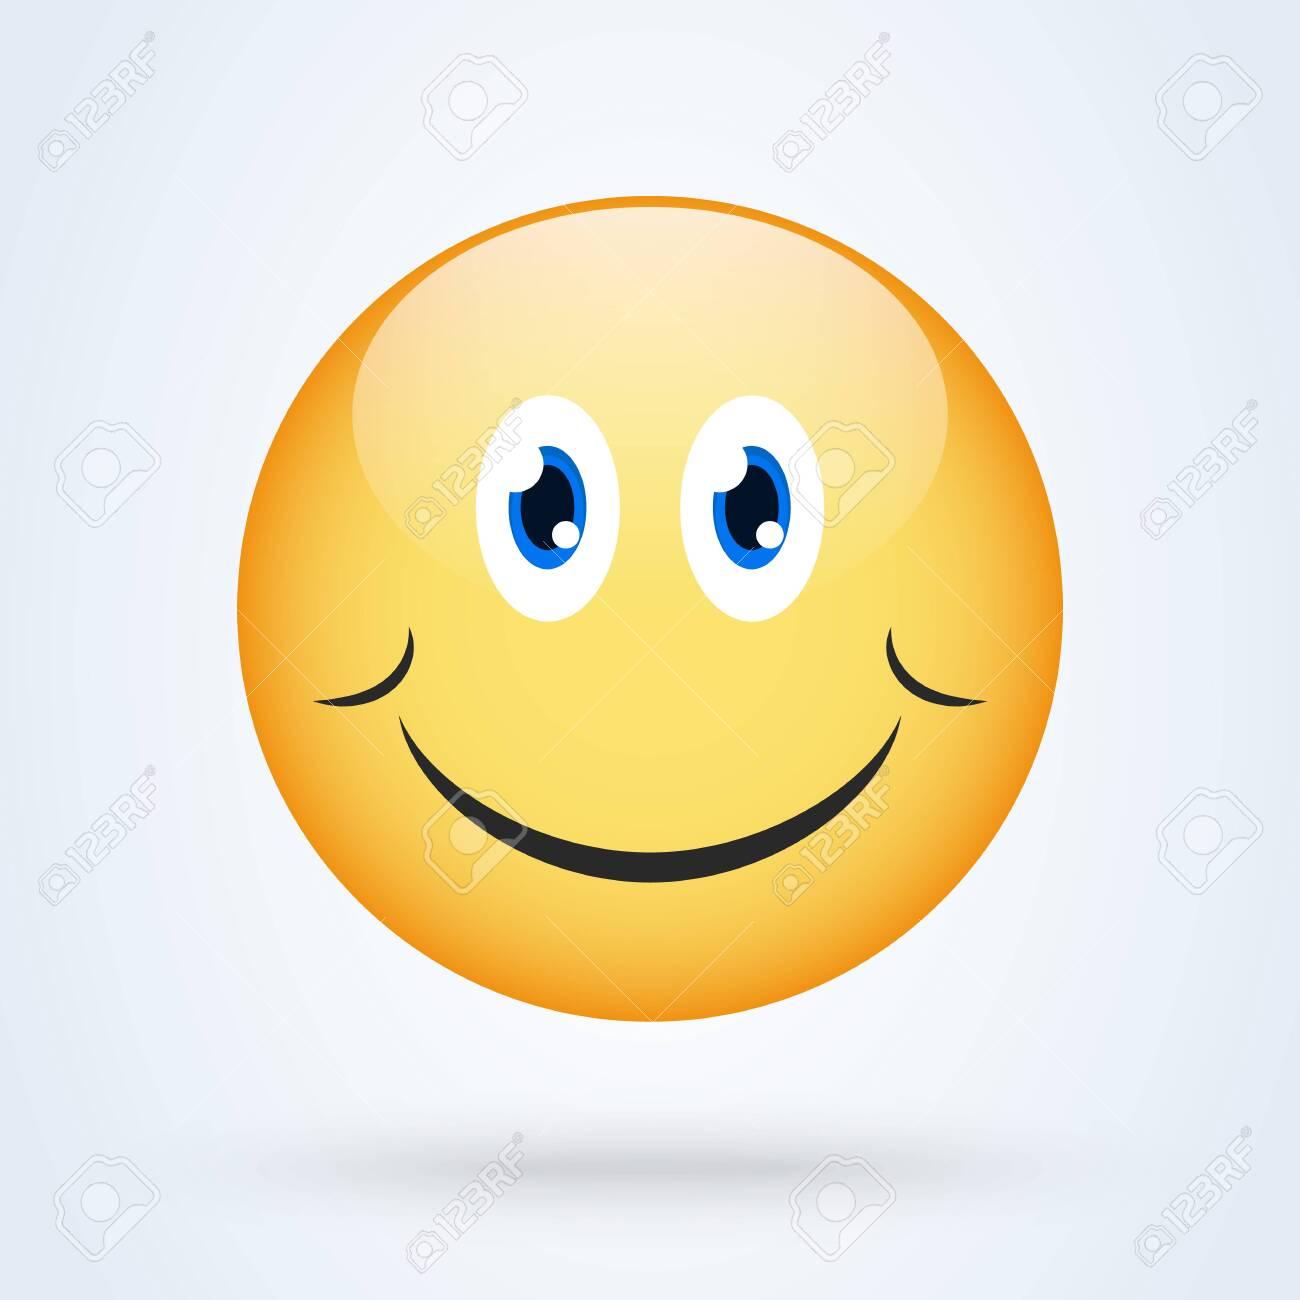 Happy smile emoticon yellow with shadow, emoji vector illustration. - 150102297